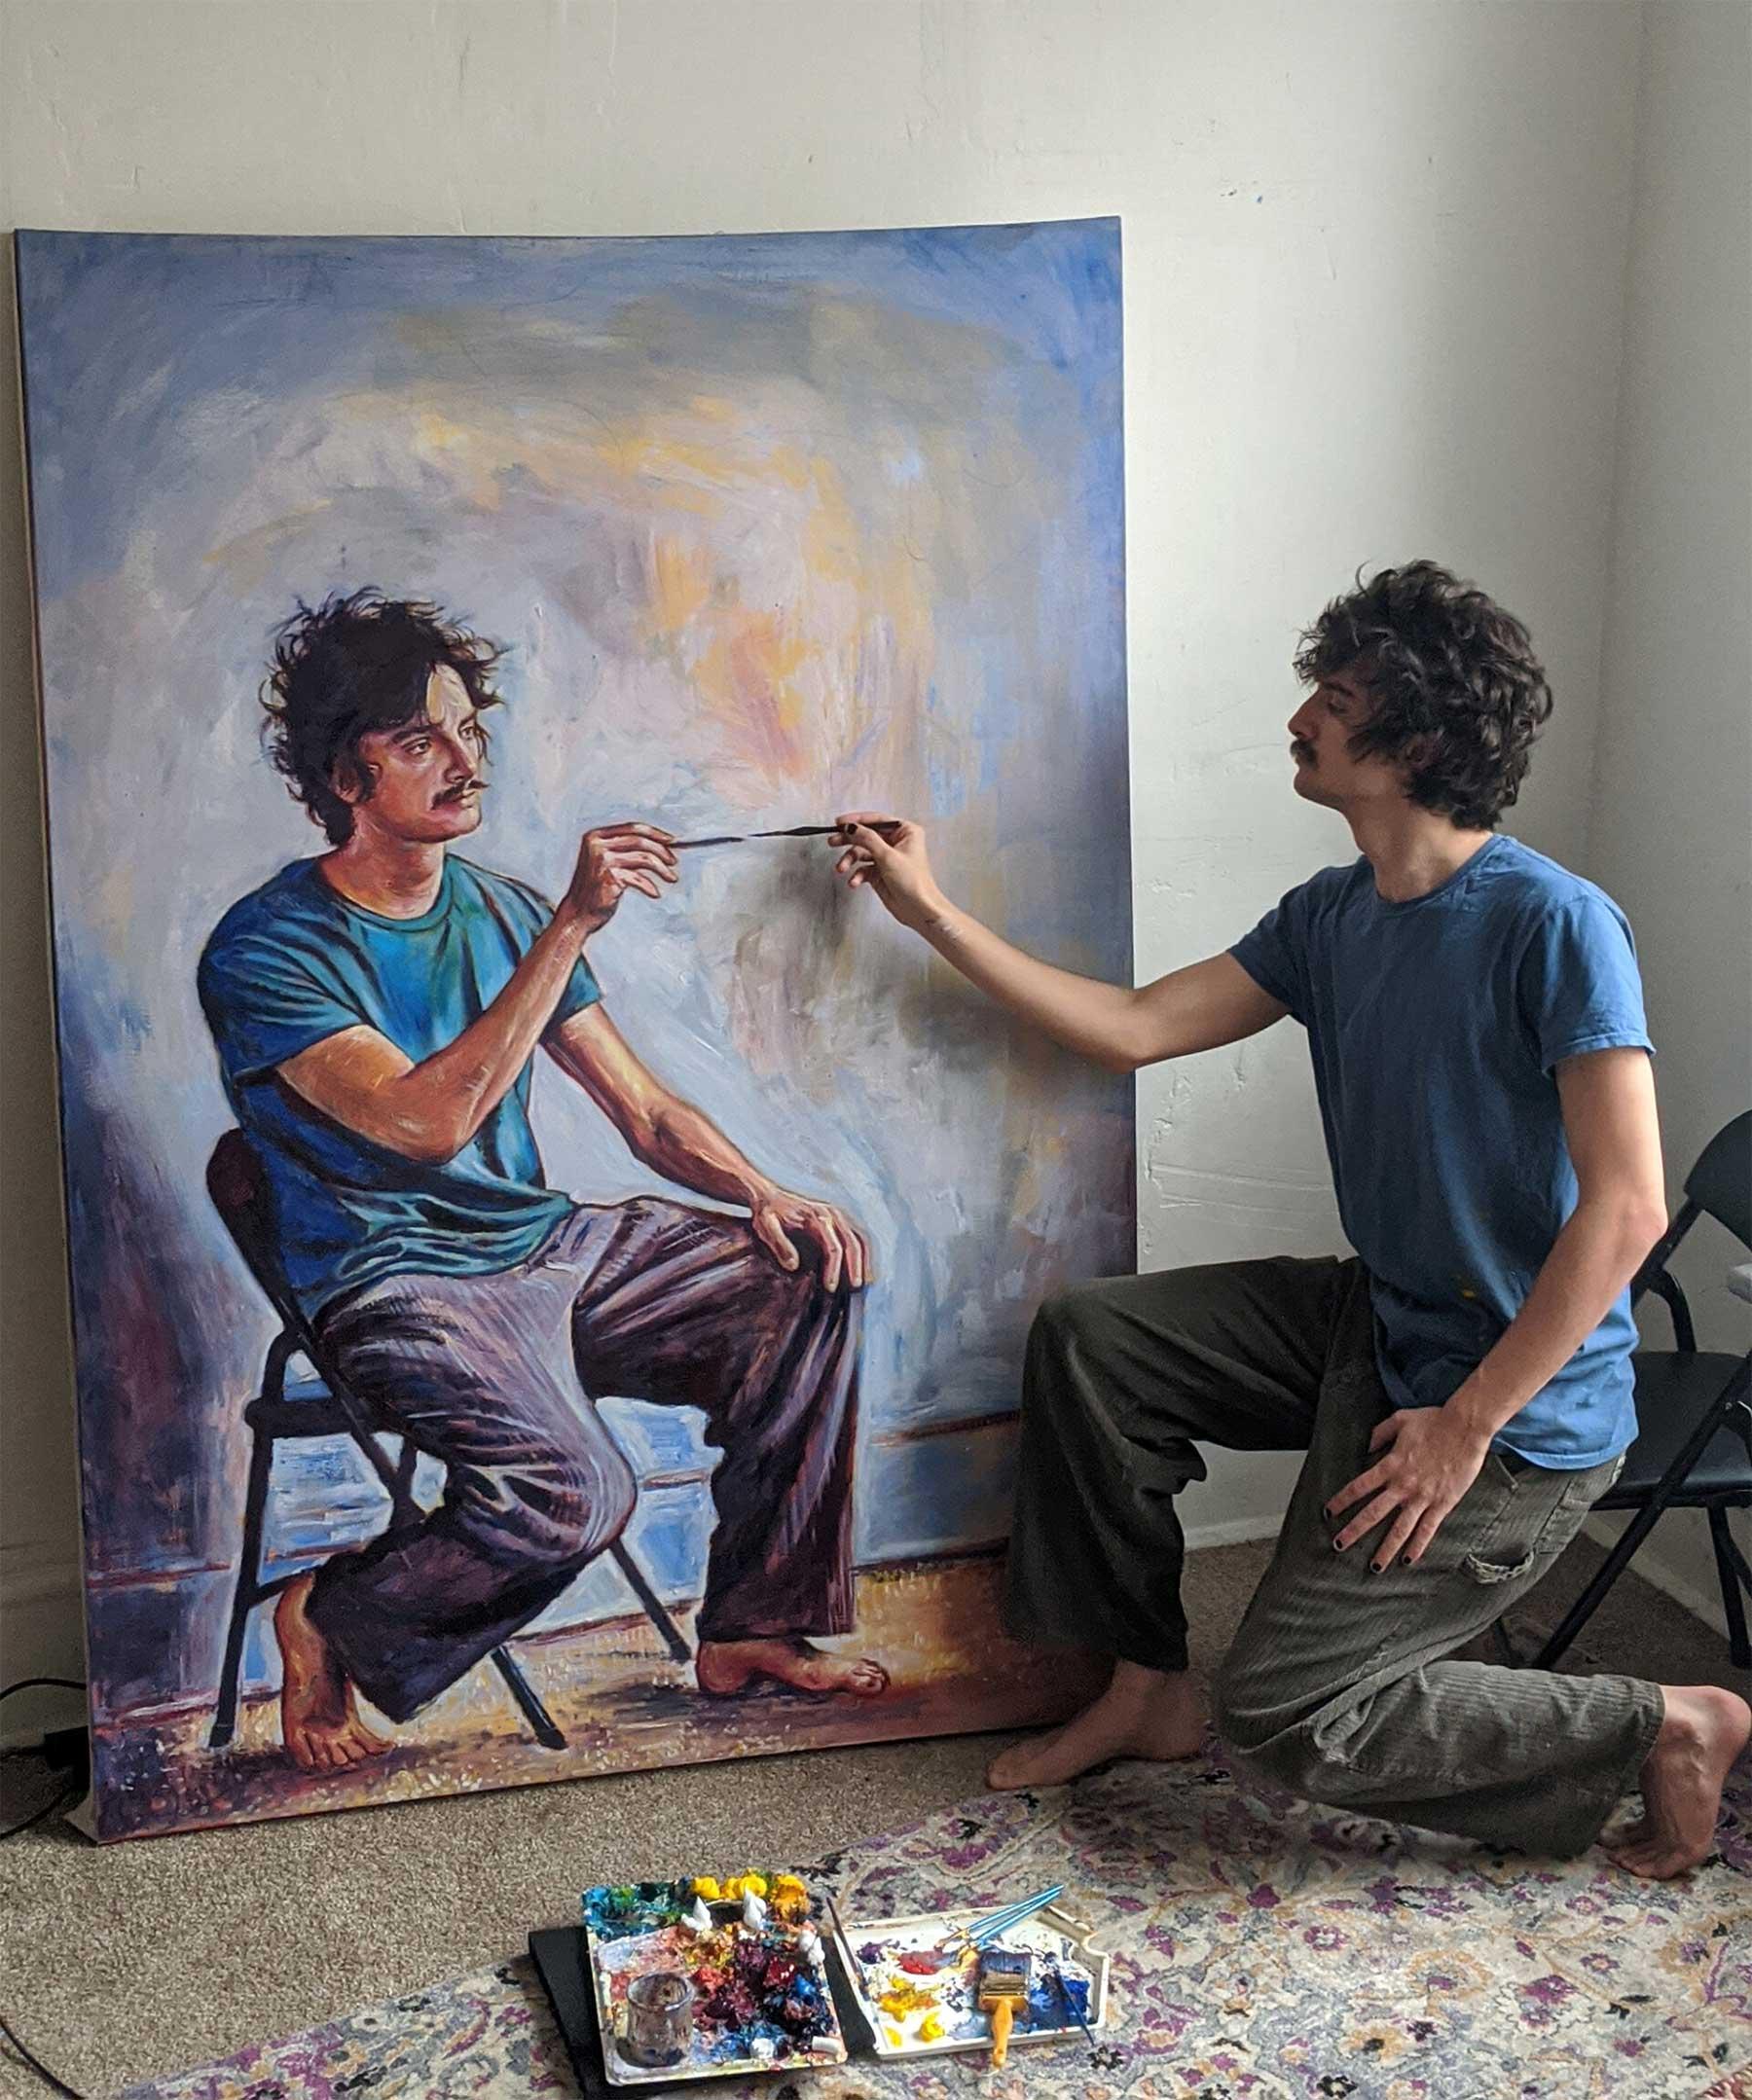 Seamus Wray malt sich, wie er sich malt, wie er sich malt, wie ... Seamus-Wray-self-portrait-meta-levels_02